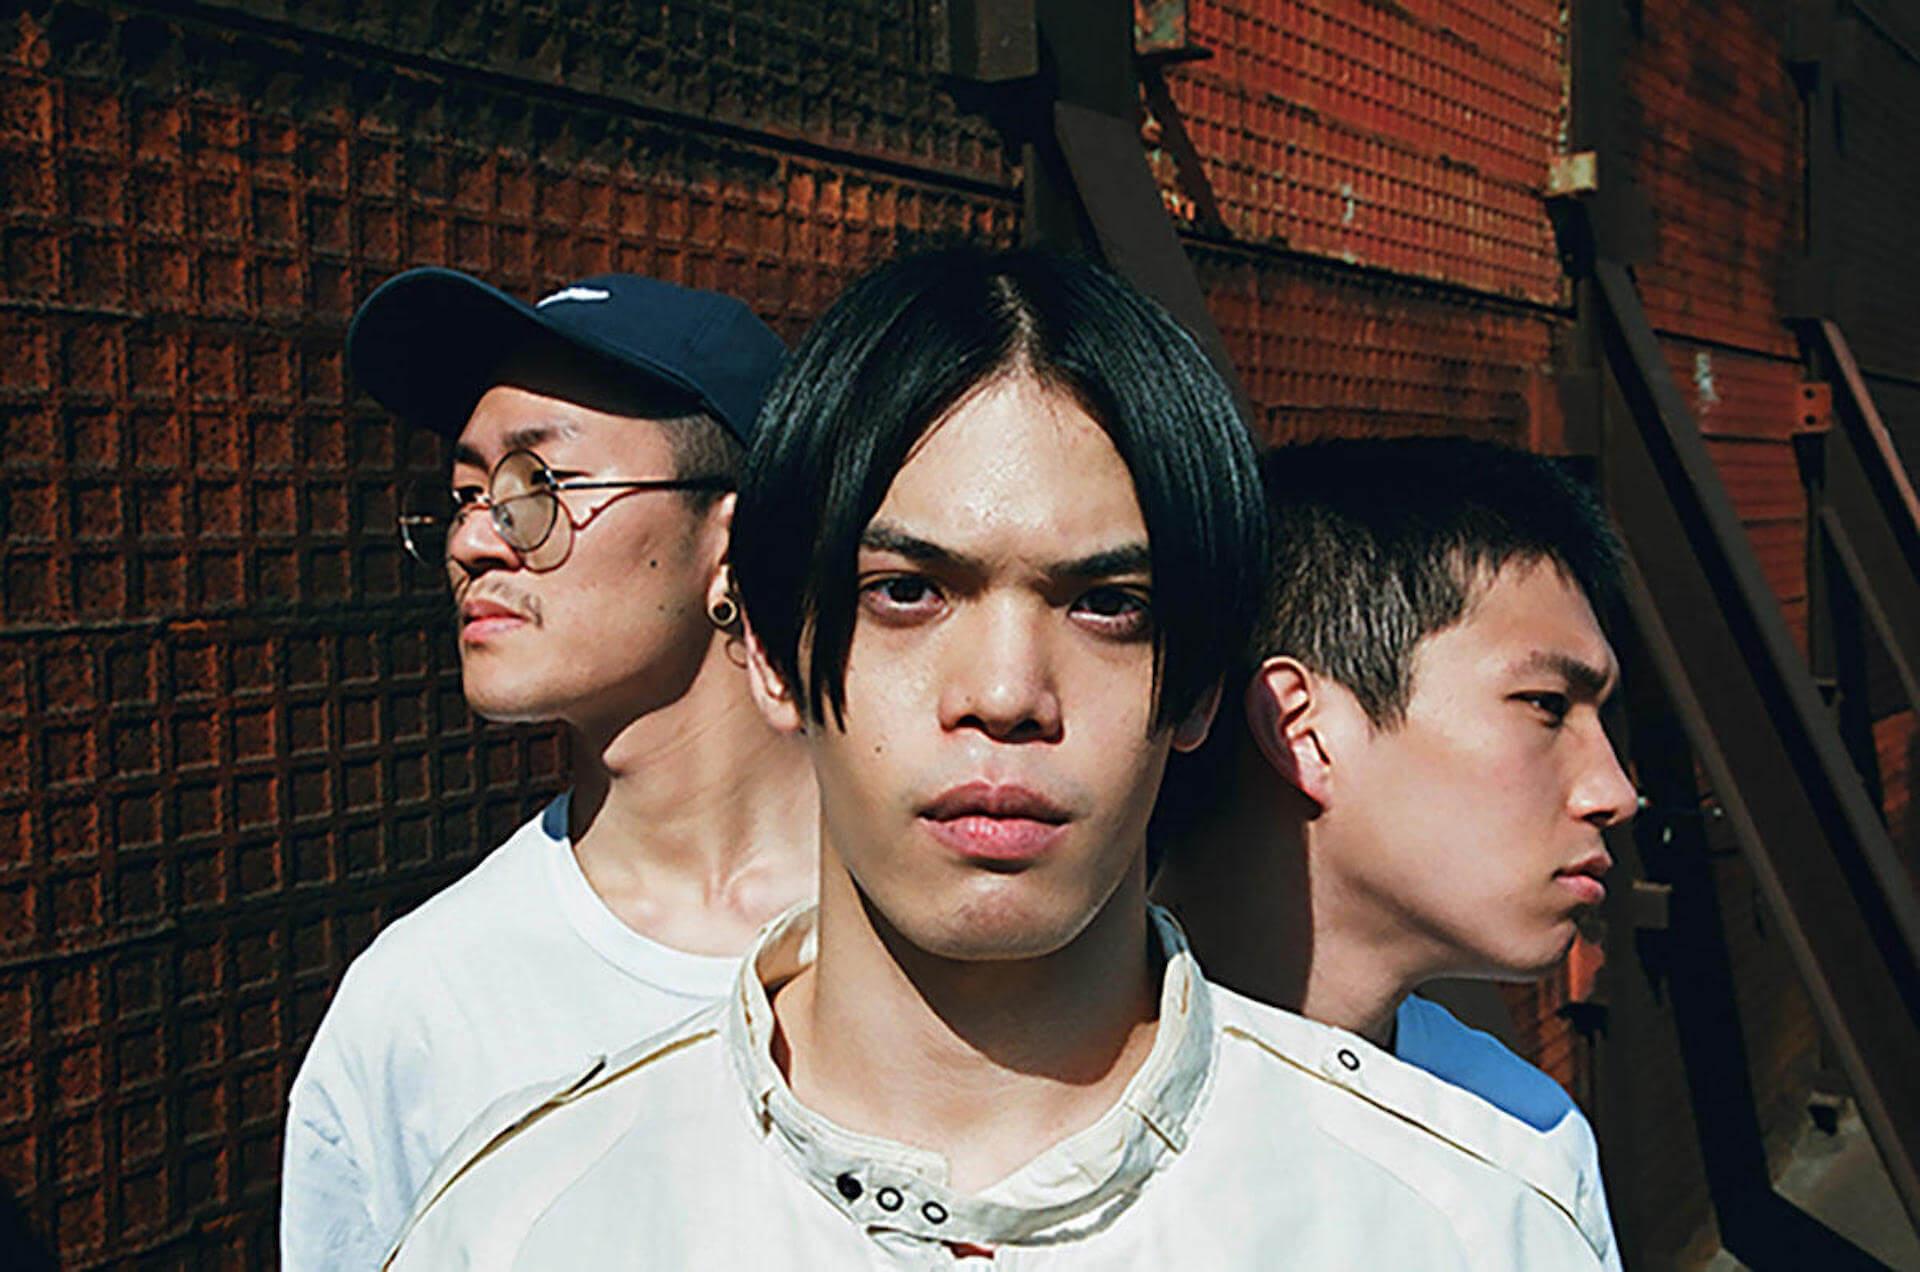 韓国内外で高い評価を受けるヒップホップ・デュオ、XXXの来日公演が開催|Campanella、Dos Monos、KΣITO、doooo、荒井優作が出演 music190712-ywx-3